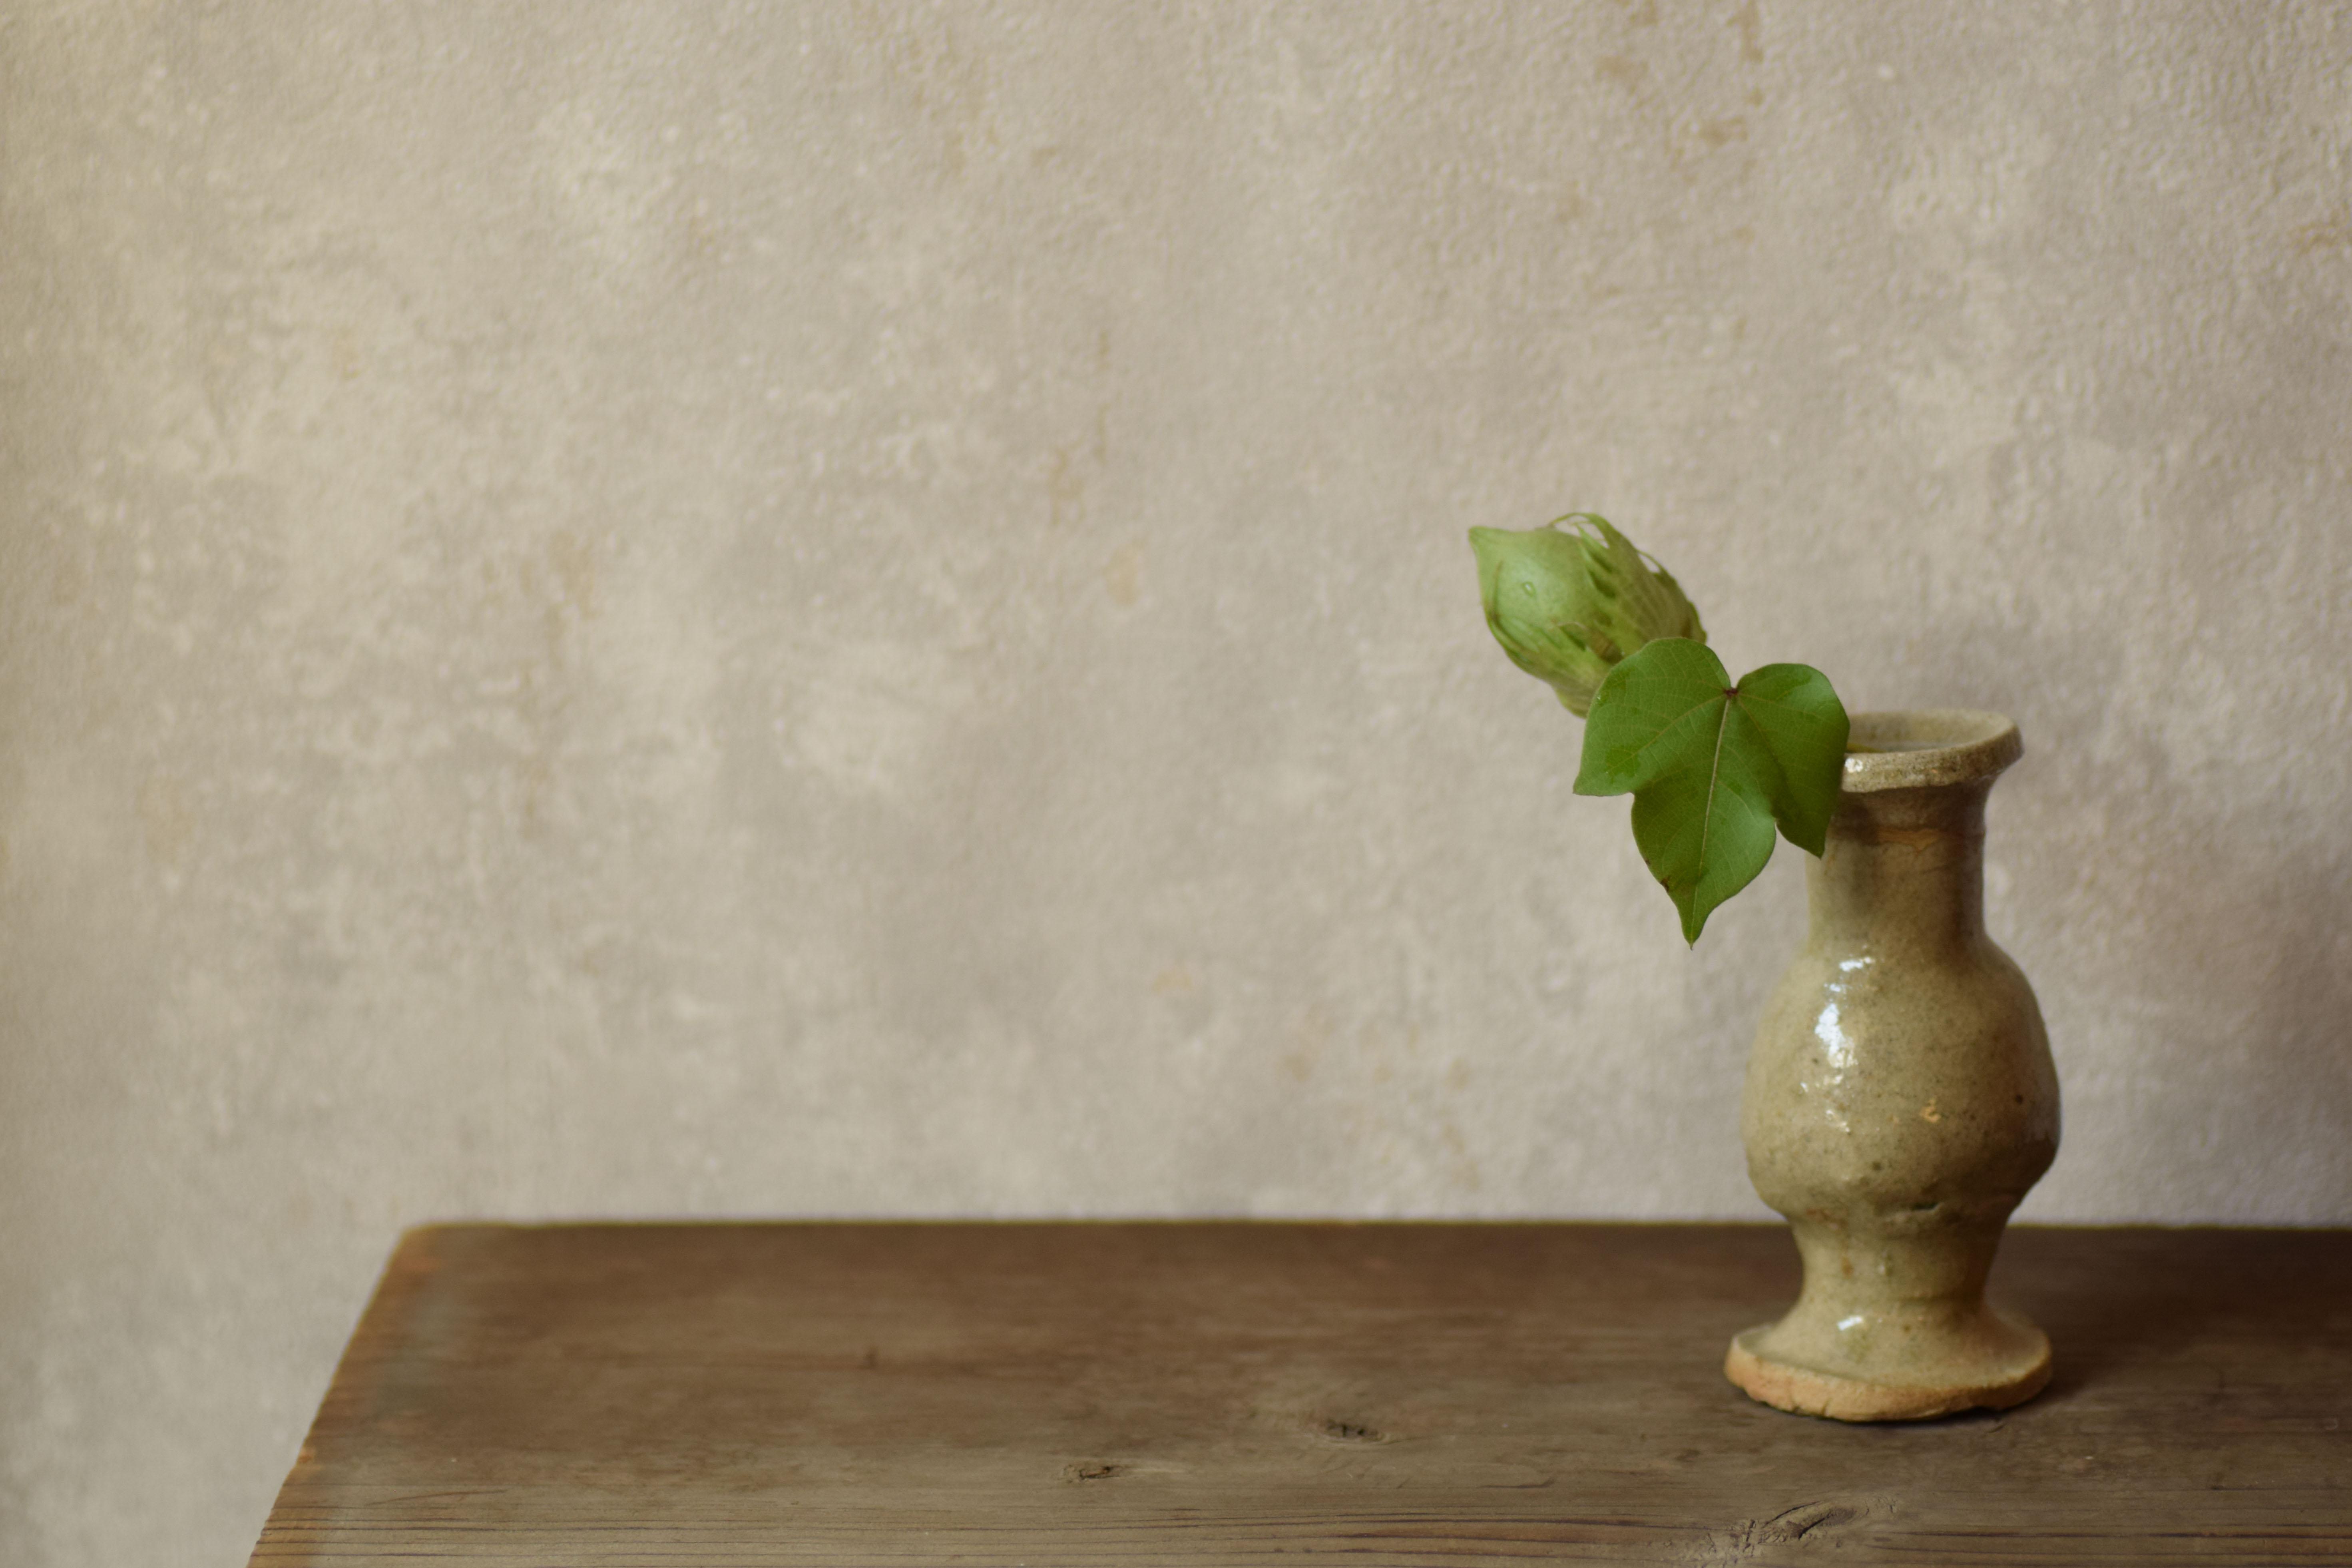 烏山結貴、ca-koのウェブサイトです。四季折々の道草。心にとまった身近な草花を、小さな発見を楽しみながら出会った器に合わせています。抛入花の写真です。綿の実を入れました。